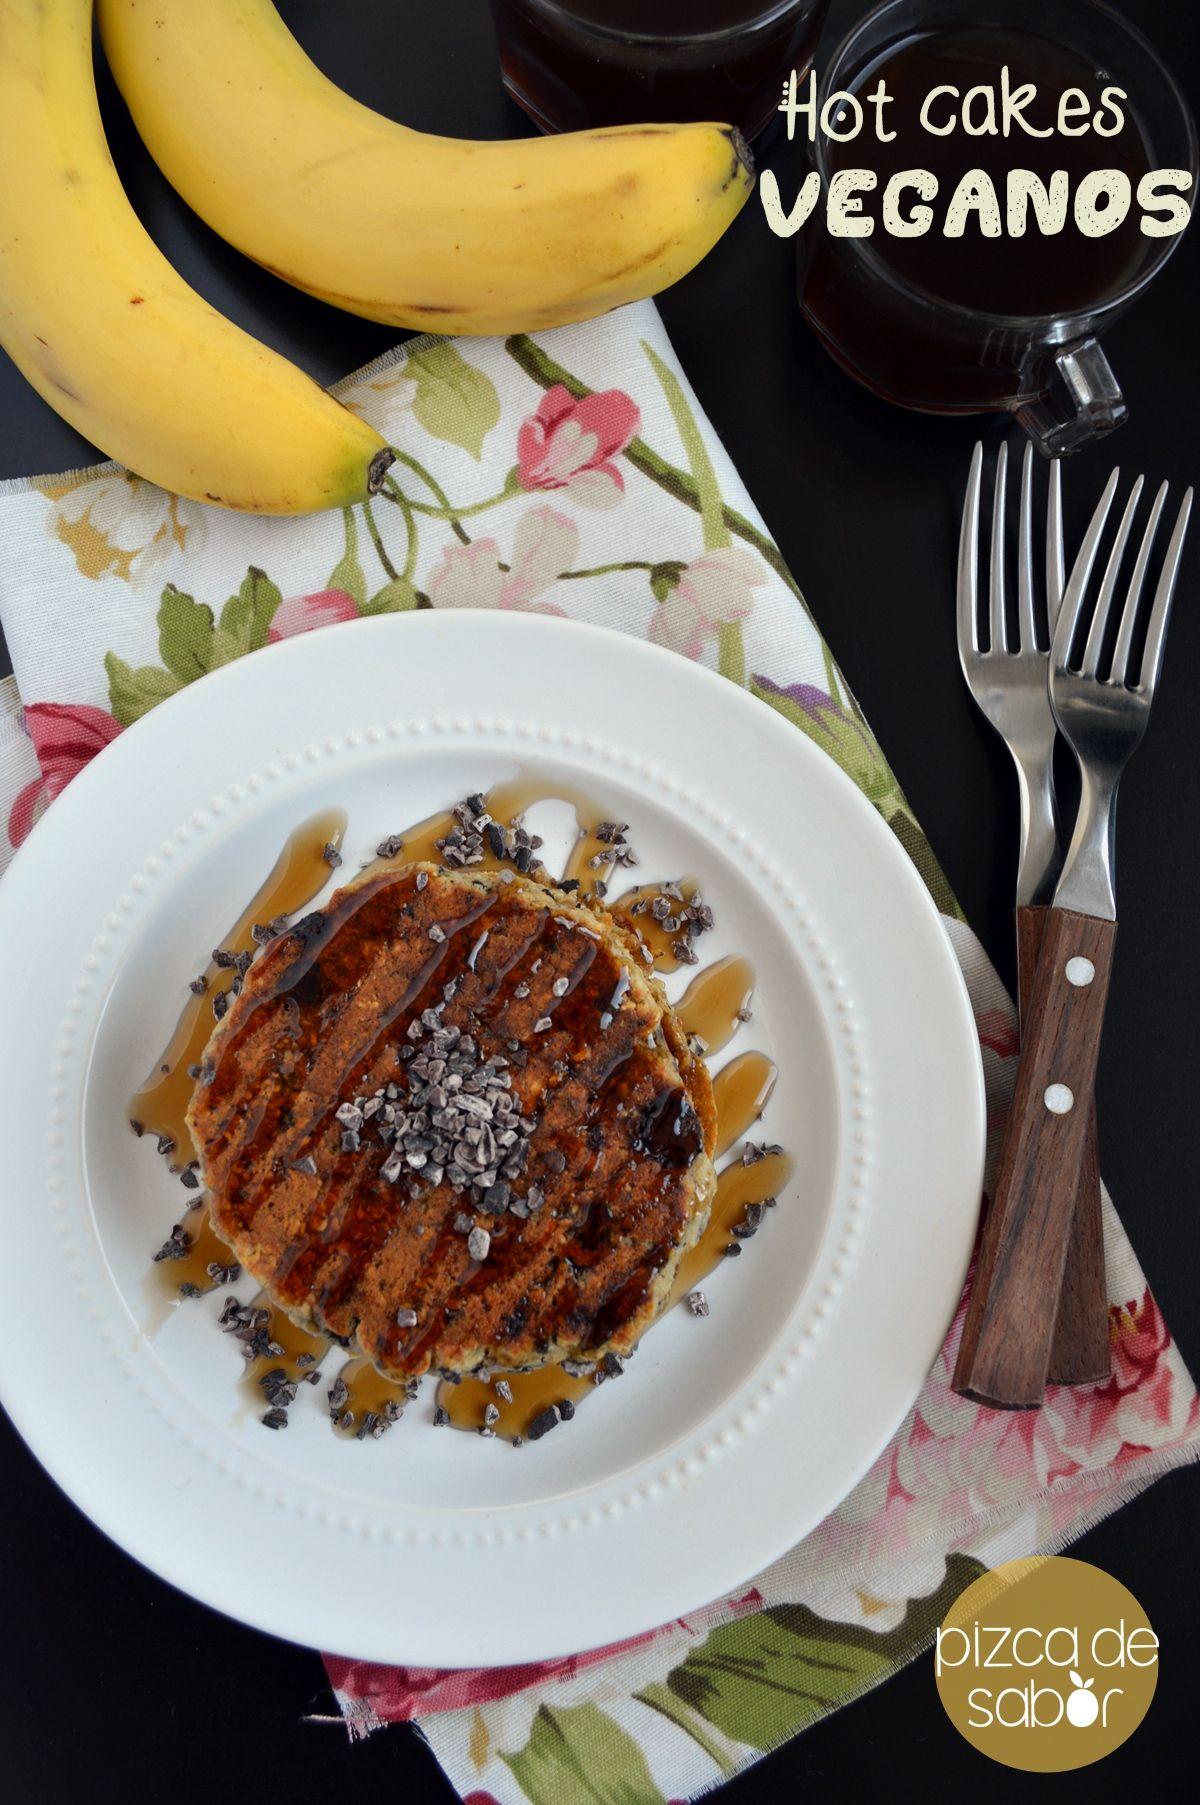 Hot cakes o panquecas veganas y sin gluten www.pizcadesabor.com